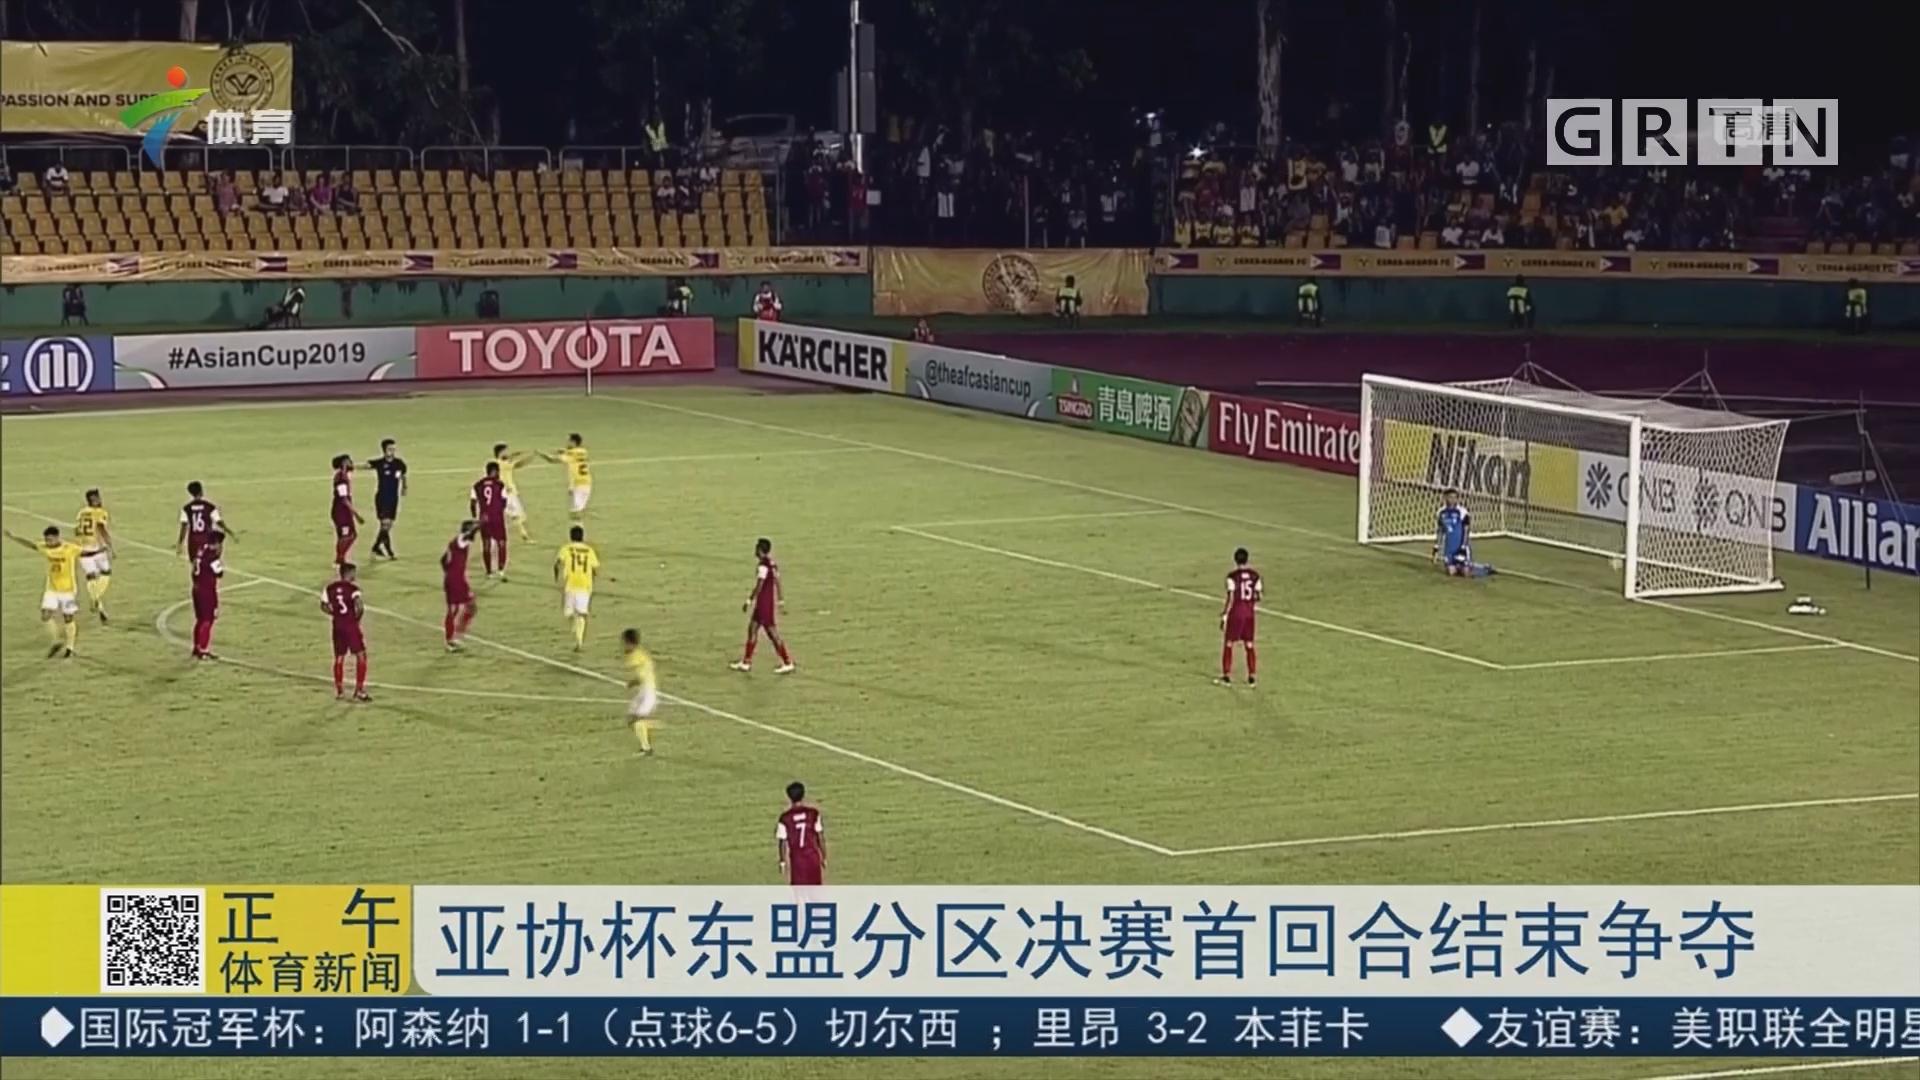 亚协杯东盟分区决赛首回合结束争夺